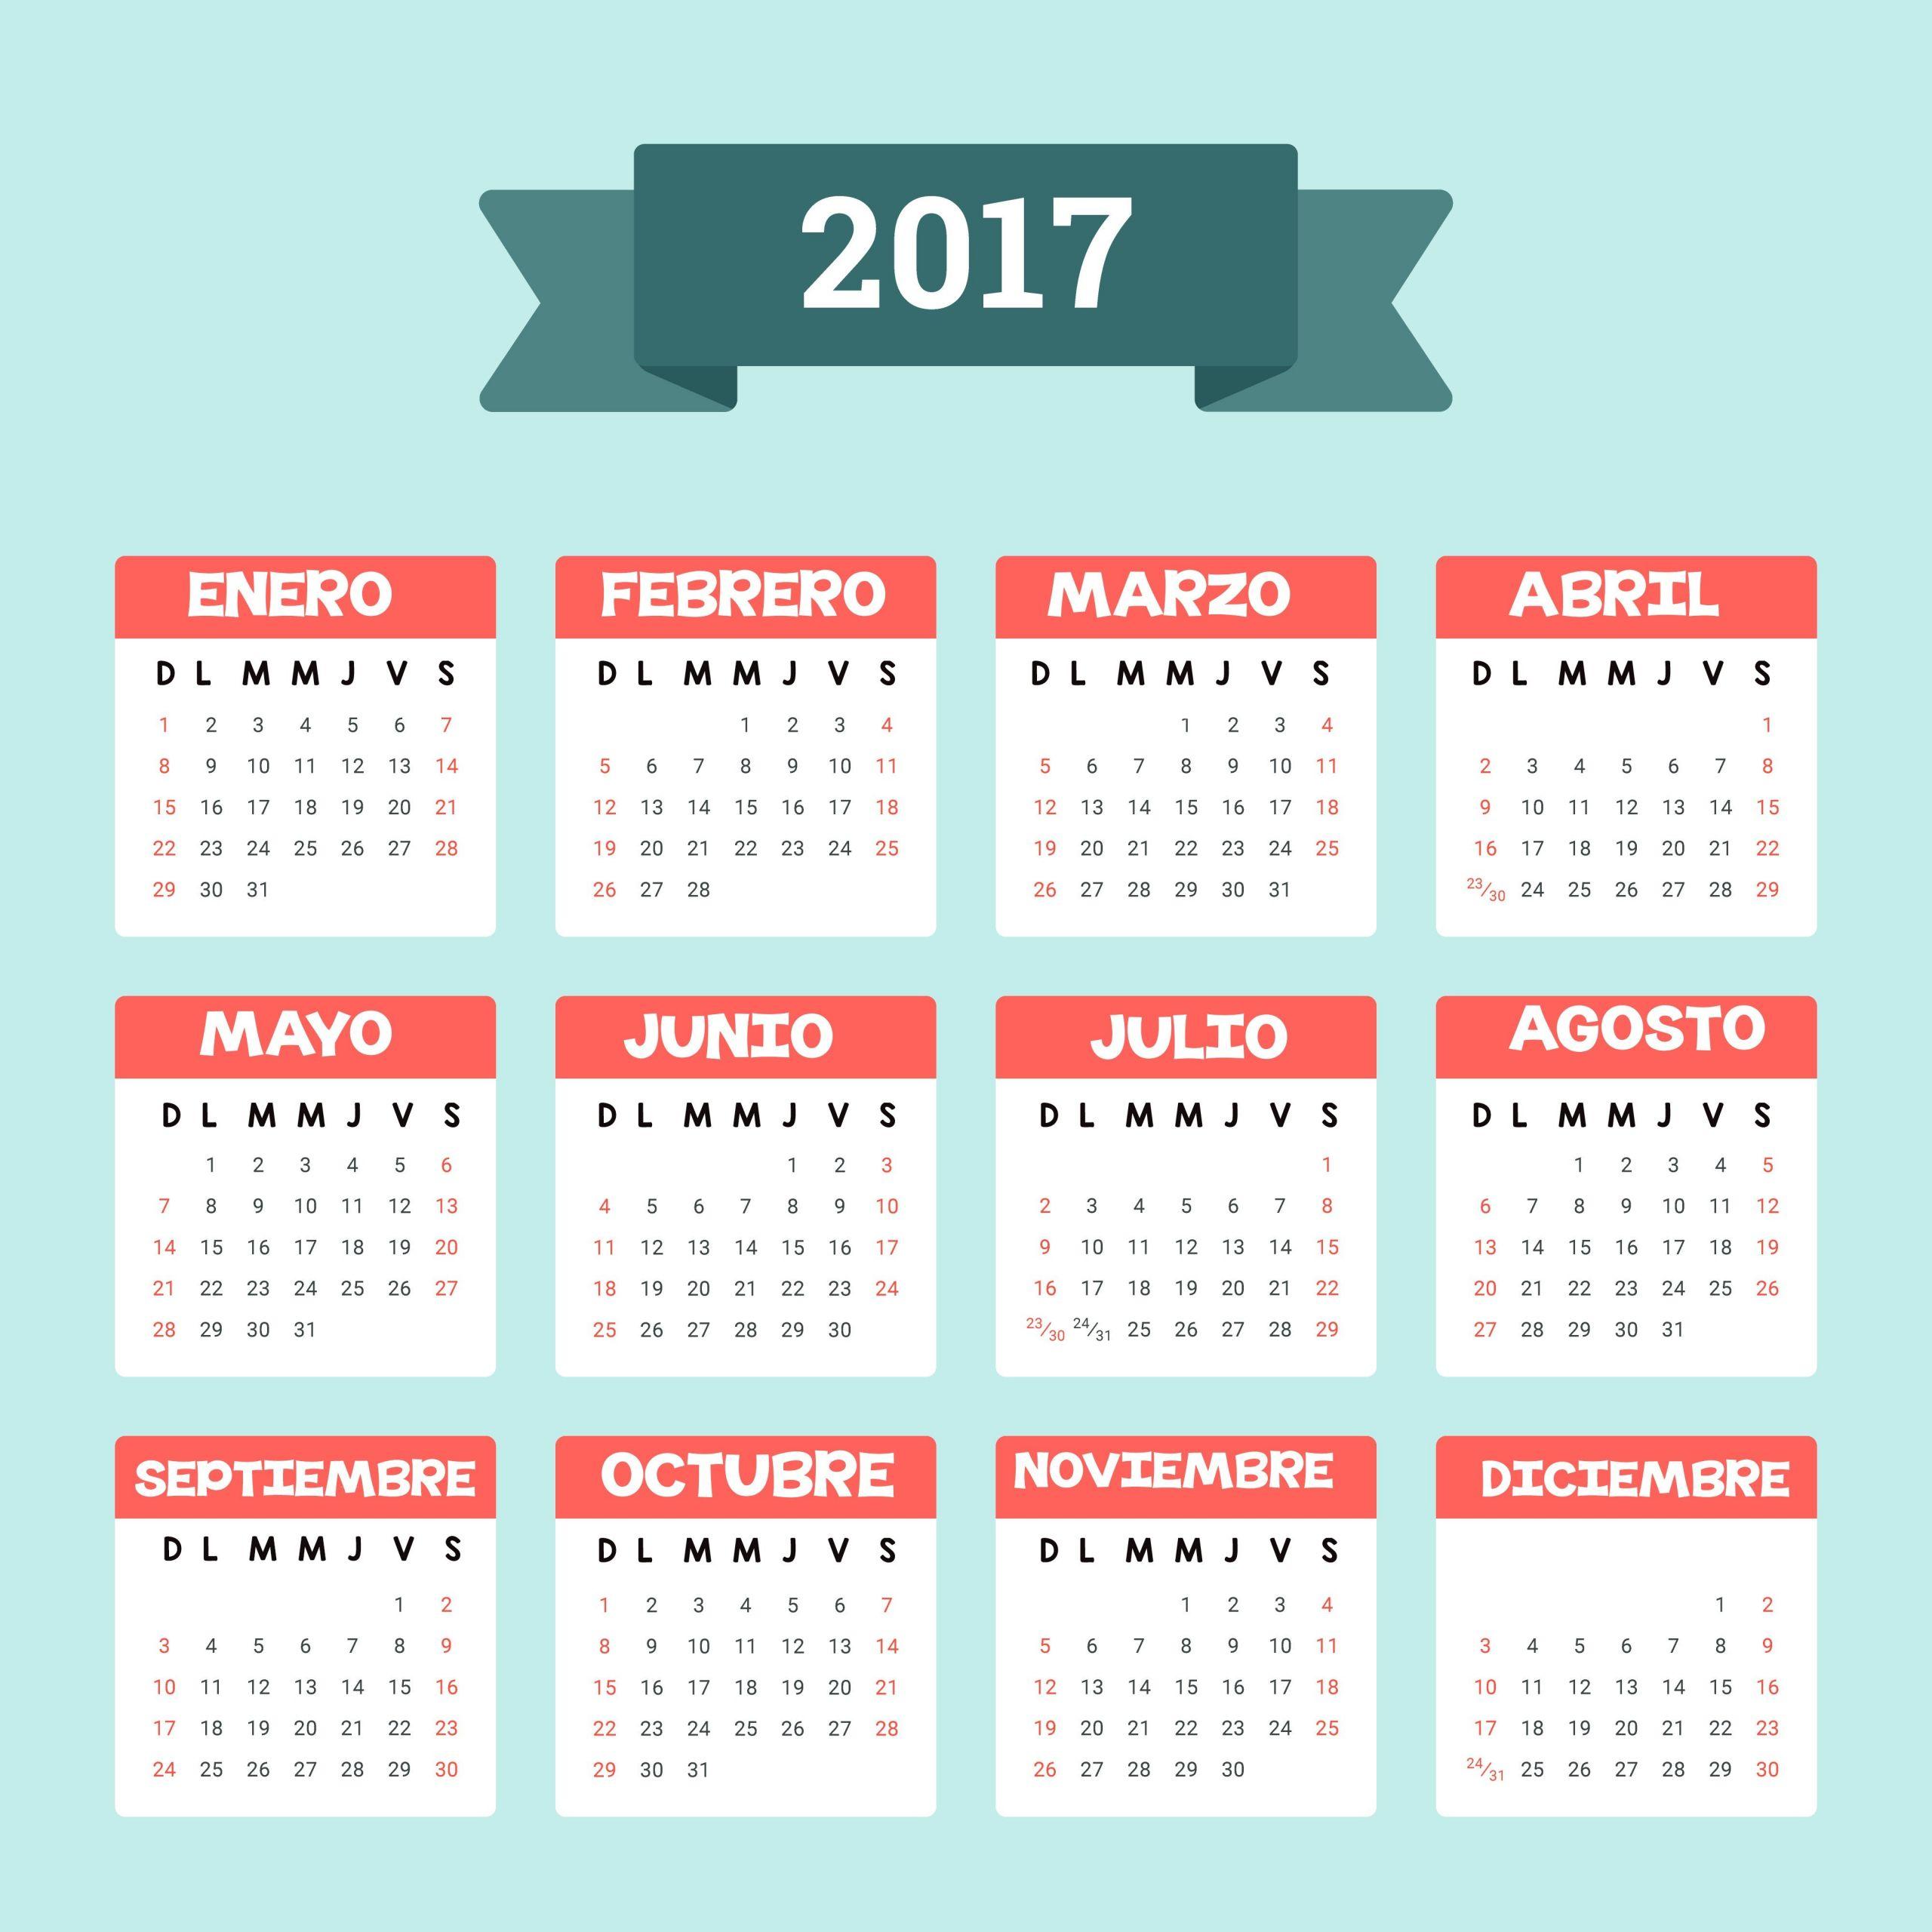 10 plantillas de calendario 2017 para imprimir